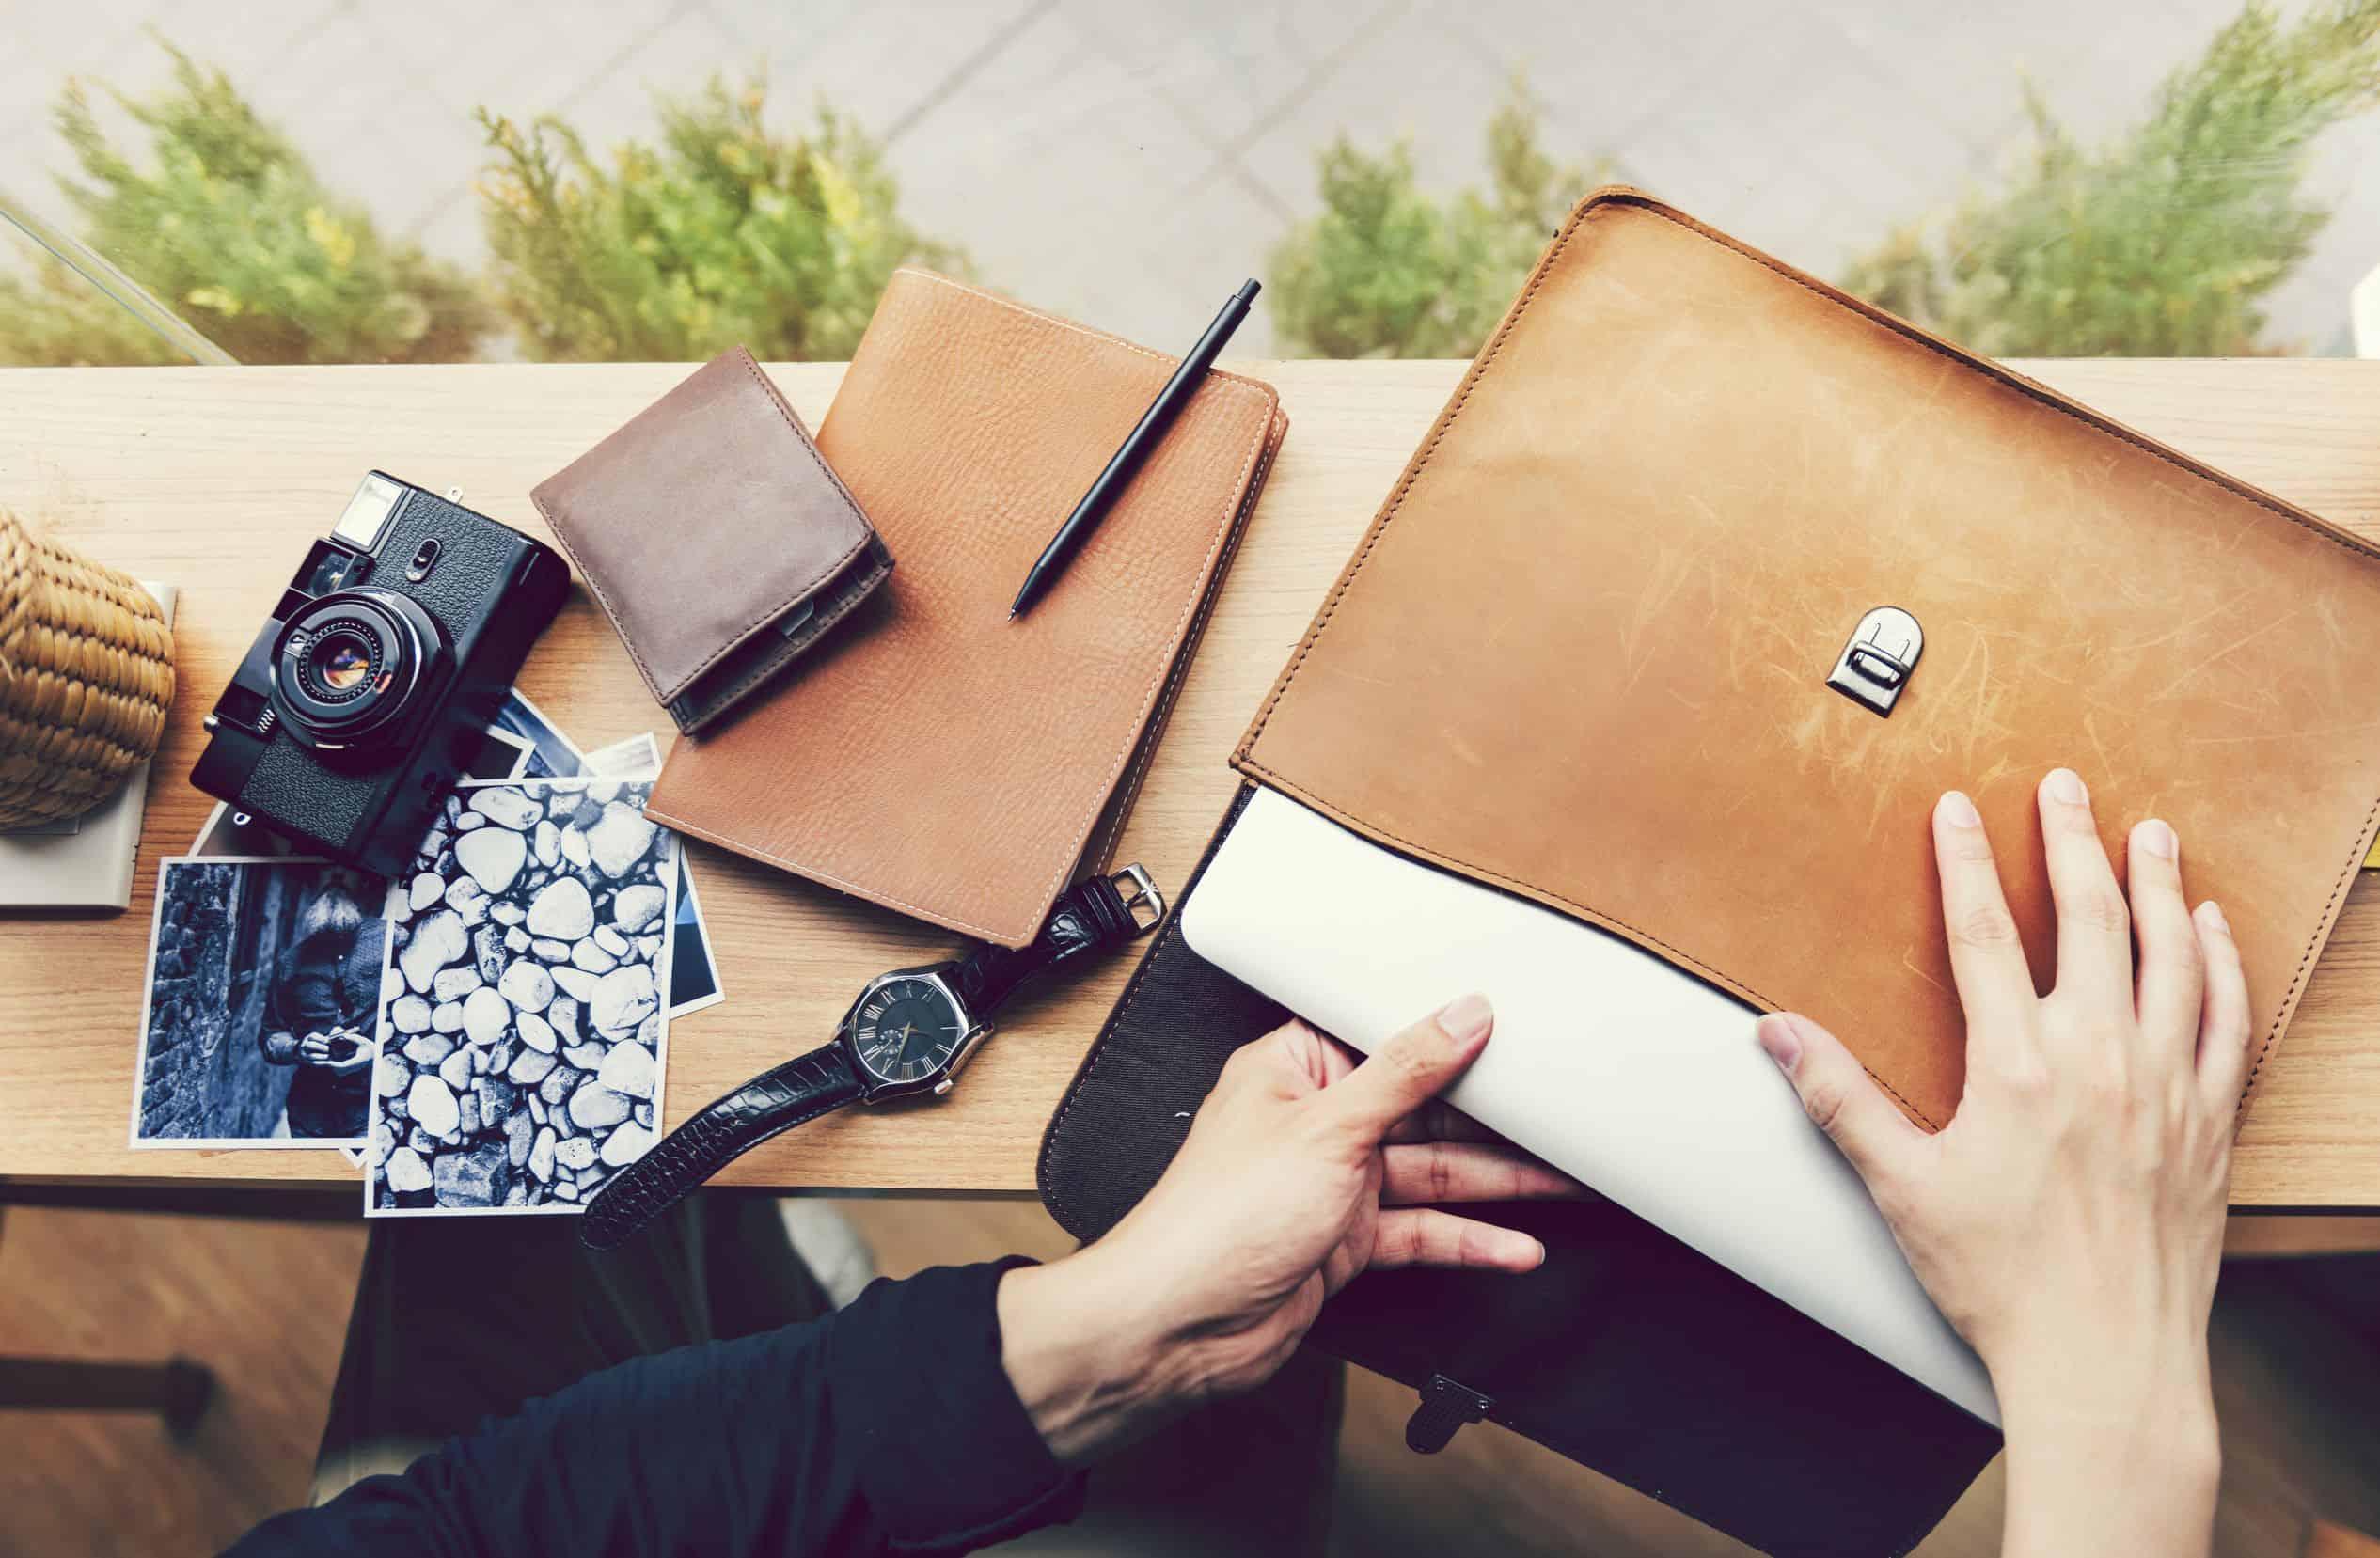 Laptoptasche: Test & Empfehlungen (03/21)